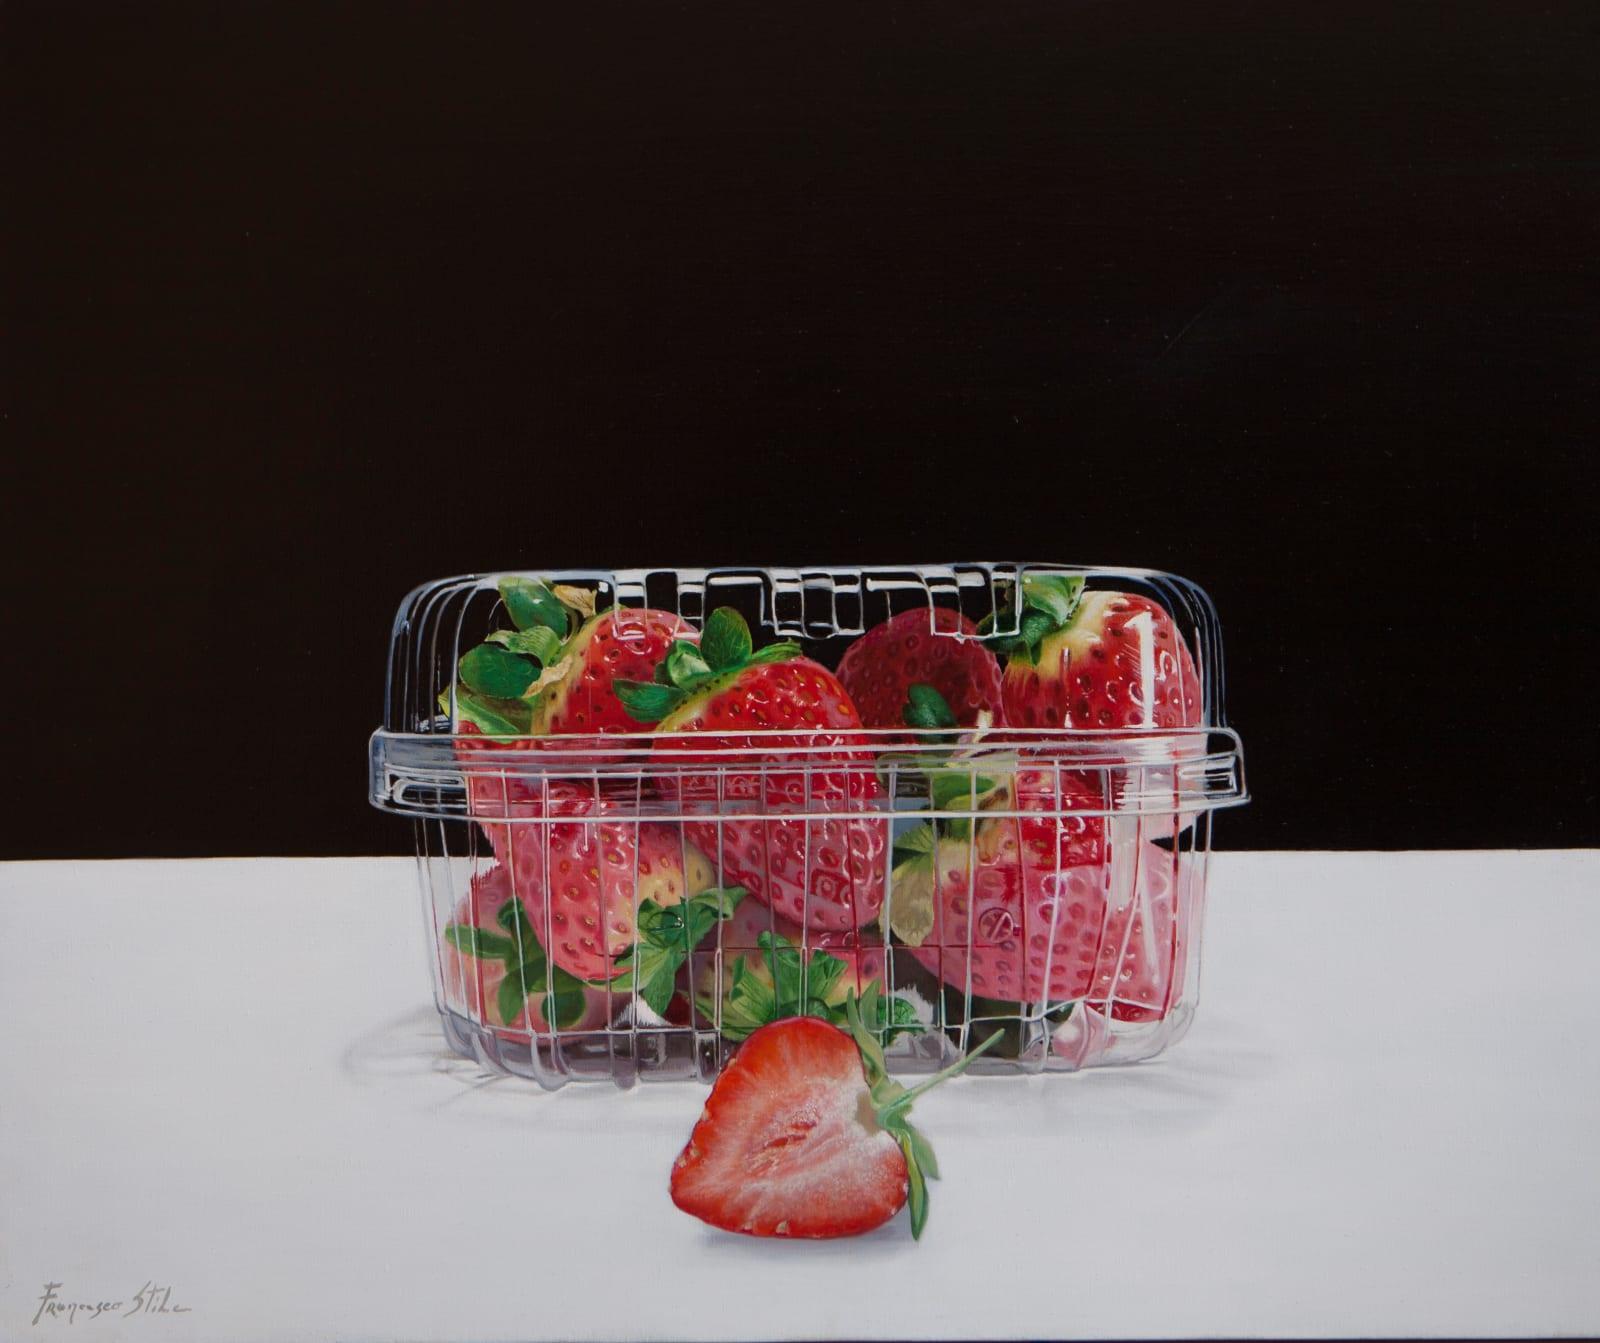 Francesco Stile, Strawberries